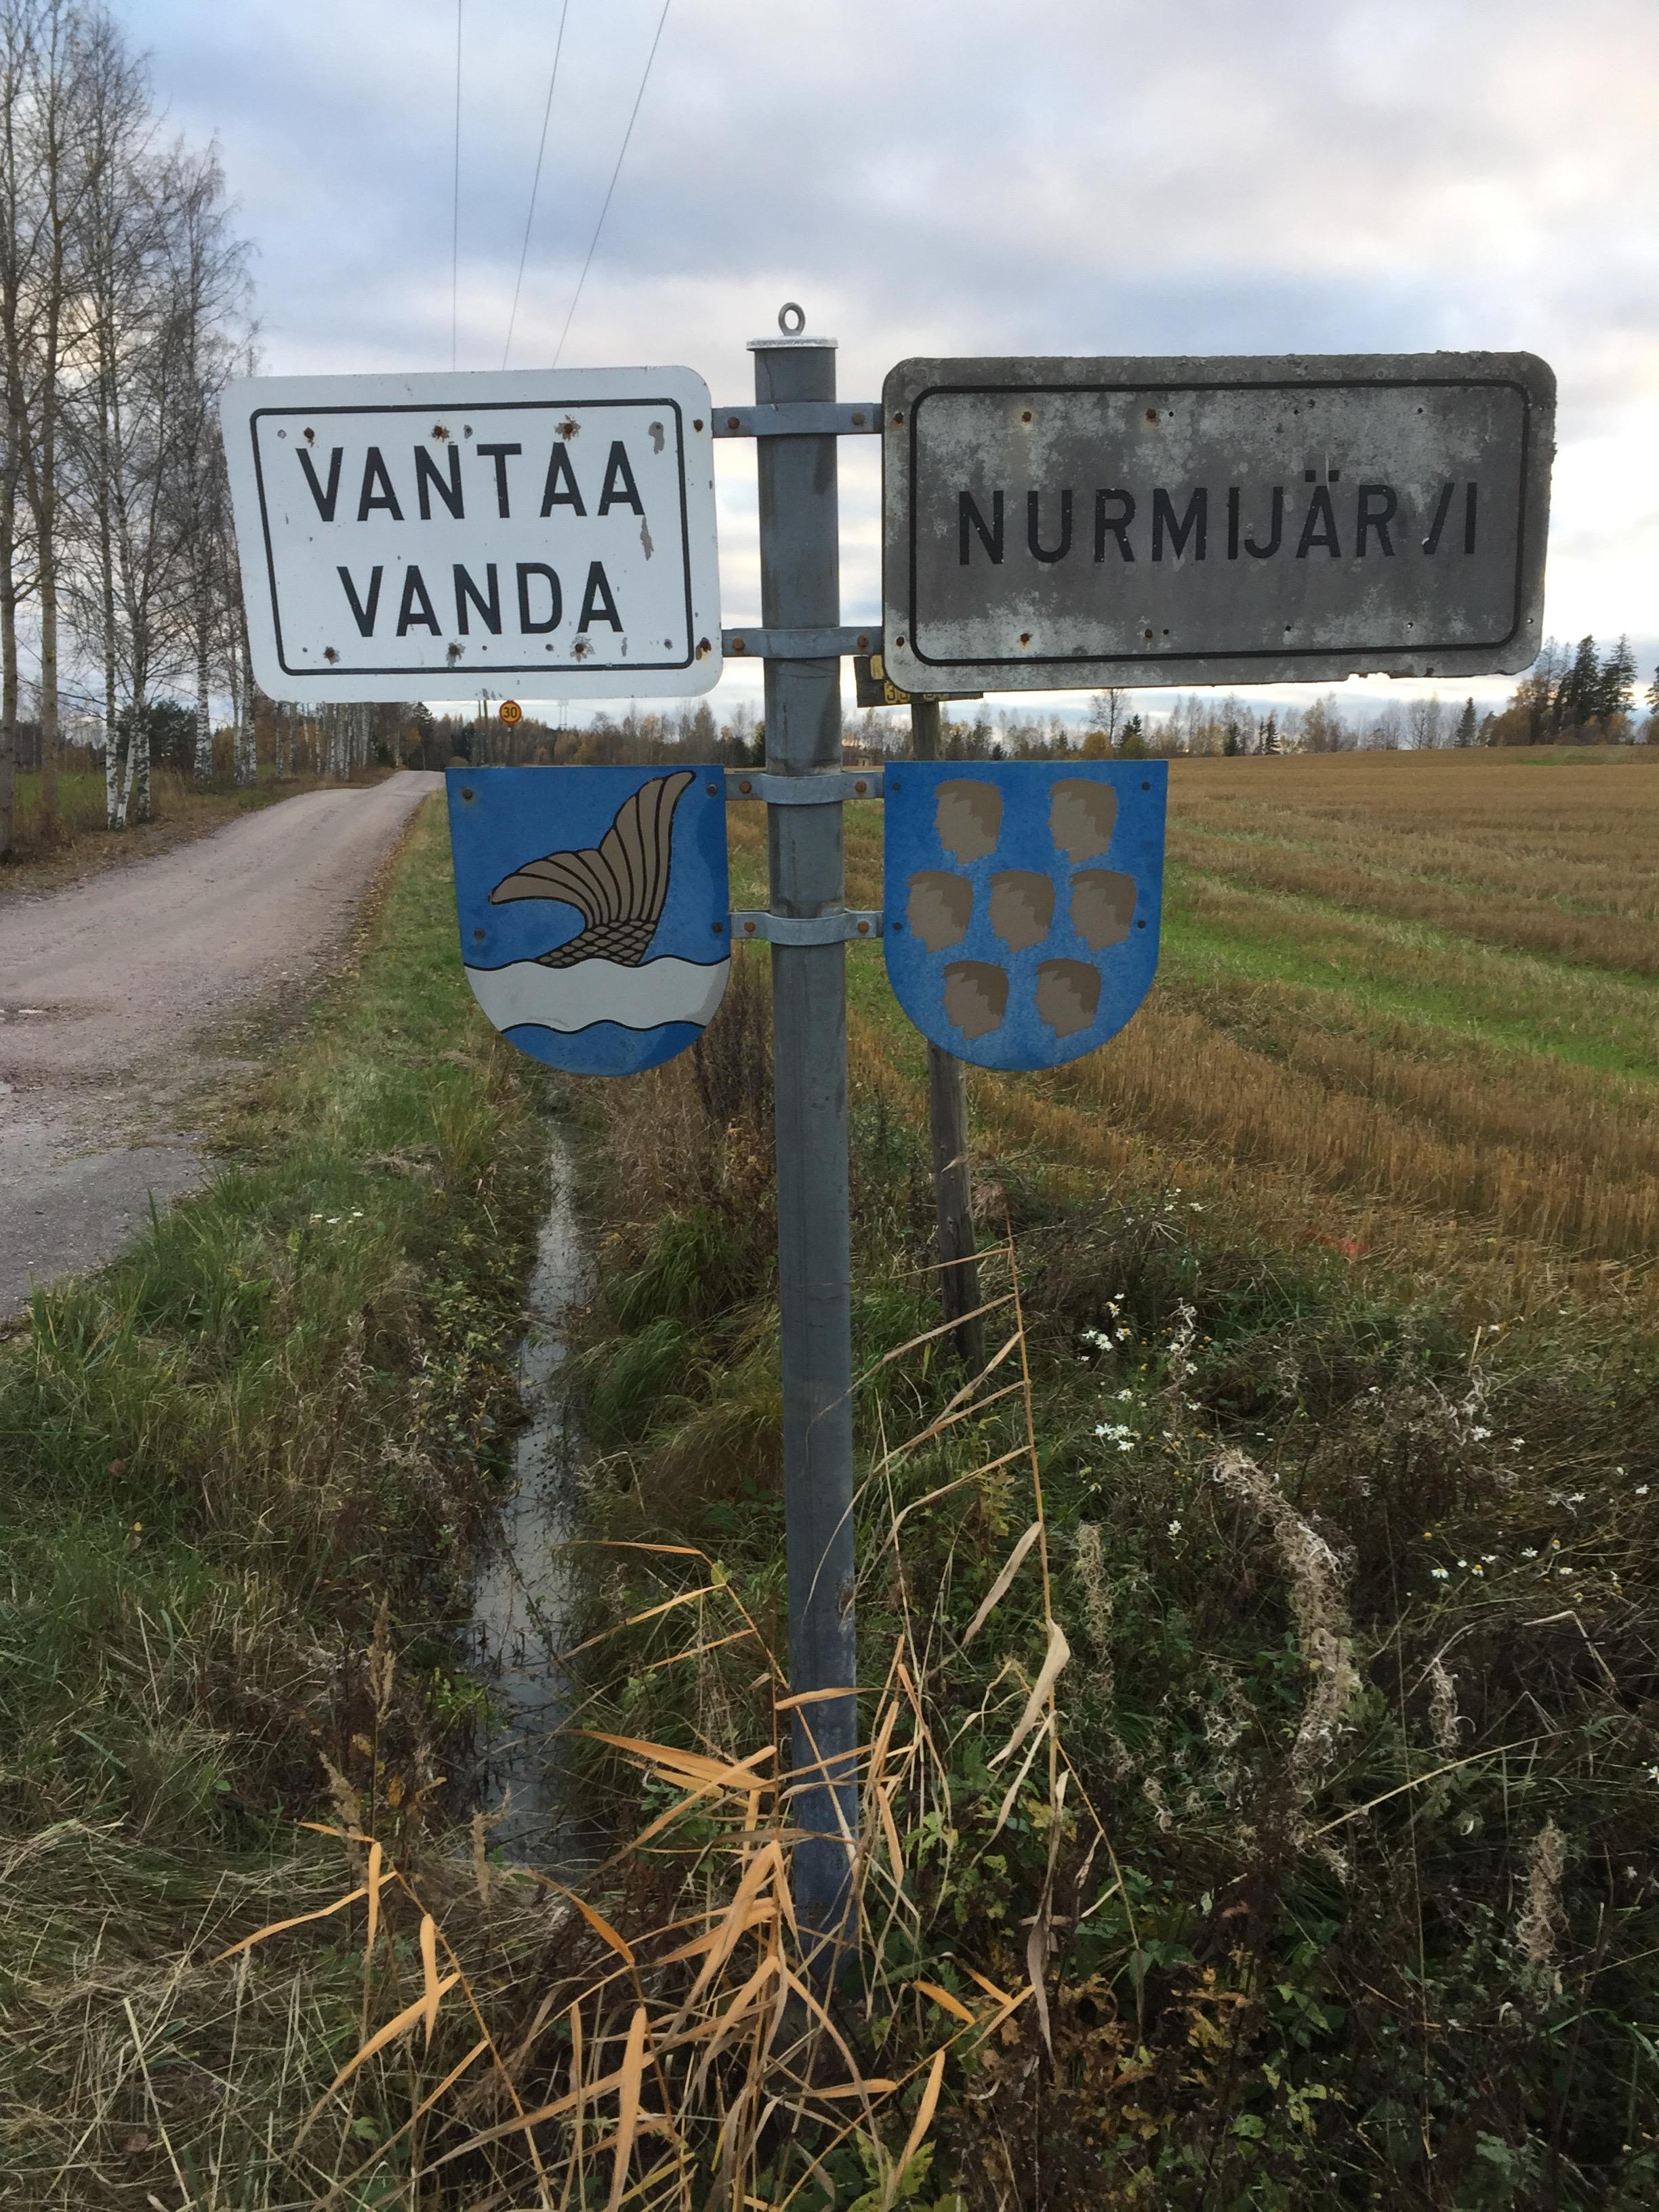 leter etter en night stand nurmijärvi